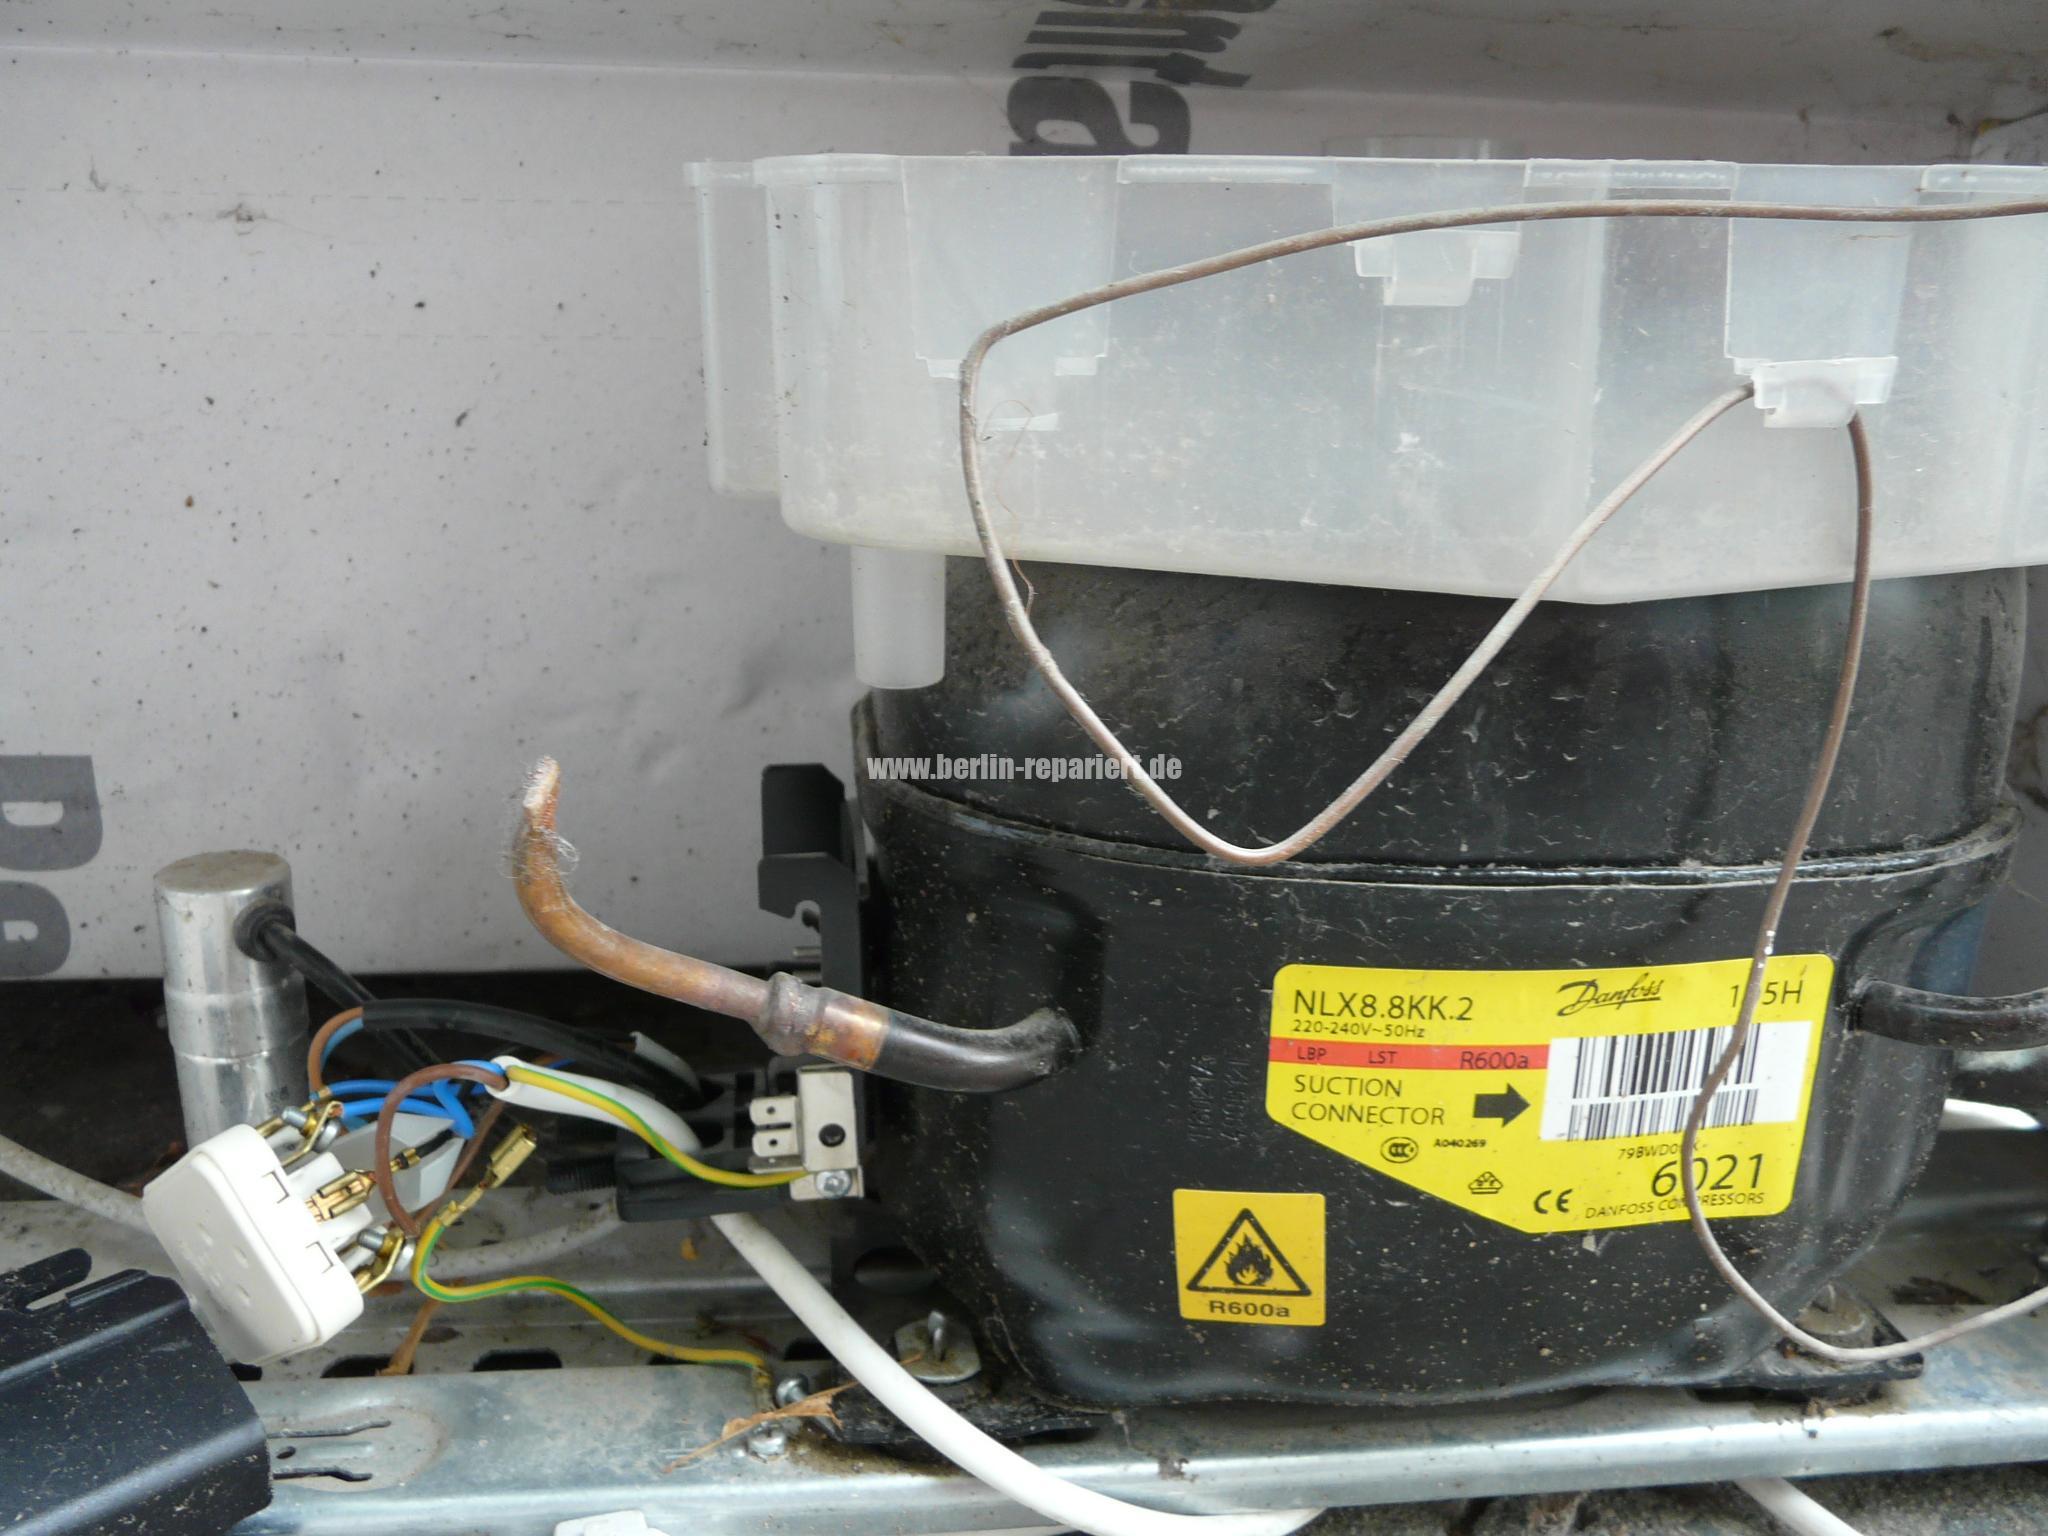 Amica Kühlschrank Kühlt Nicht Mehr : Siemens kühlschrank kühlt nicht mehr aeg santo kühlschrank kühlt